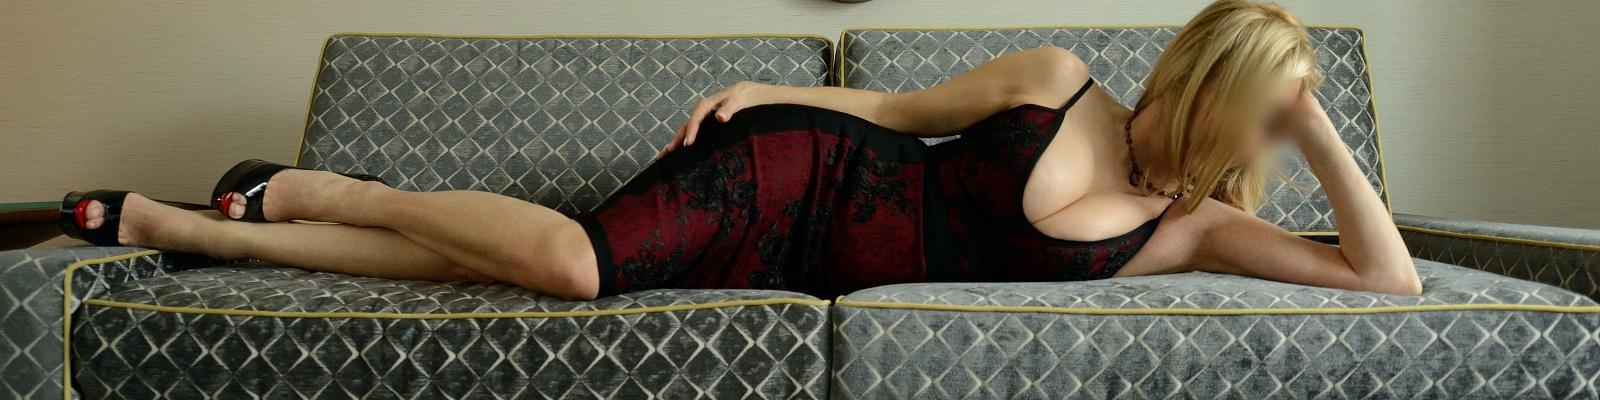 Juliana Monroe's Cover Photo